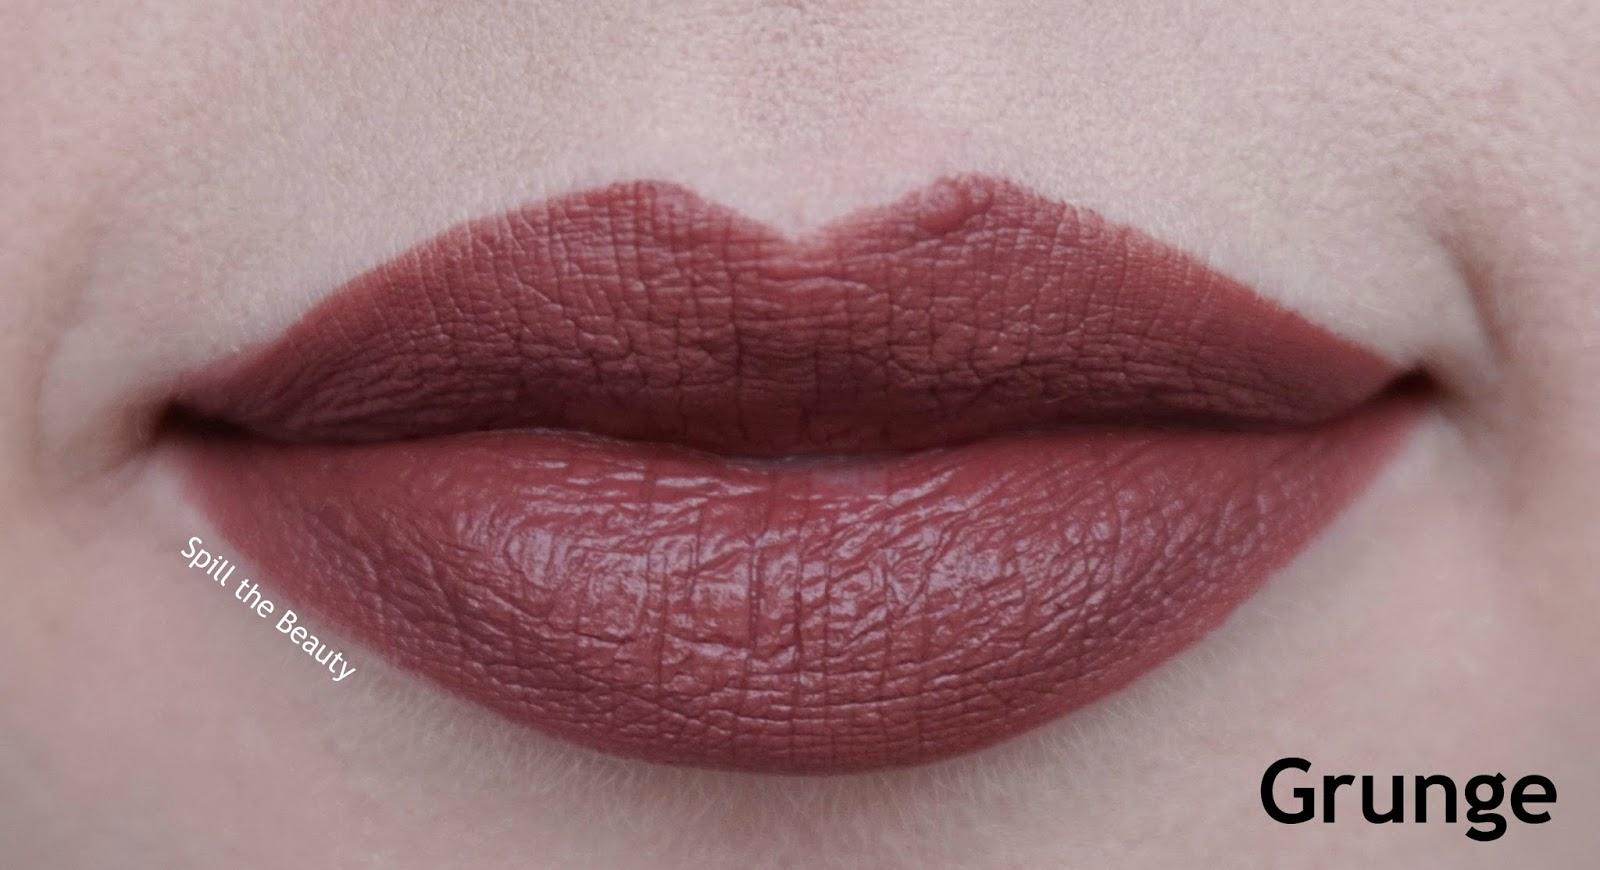 colourpop lippie stix review swatches grunge - lips